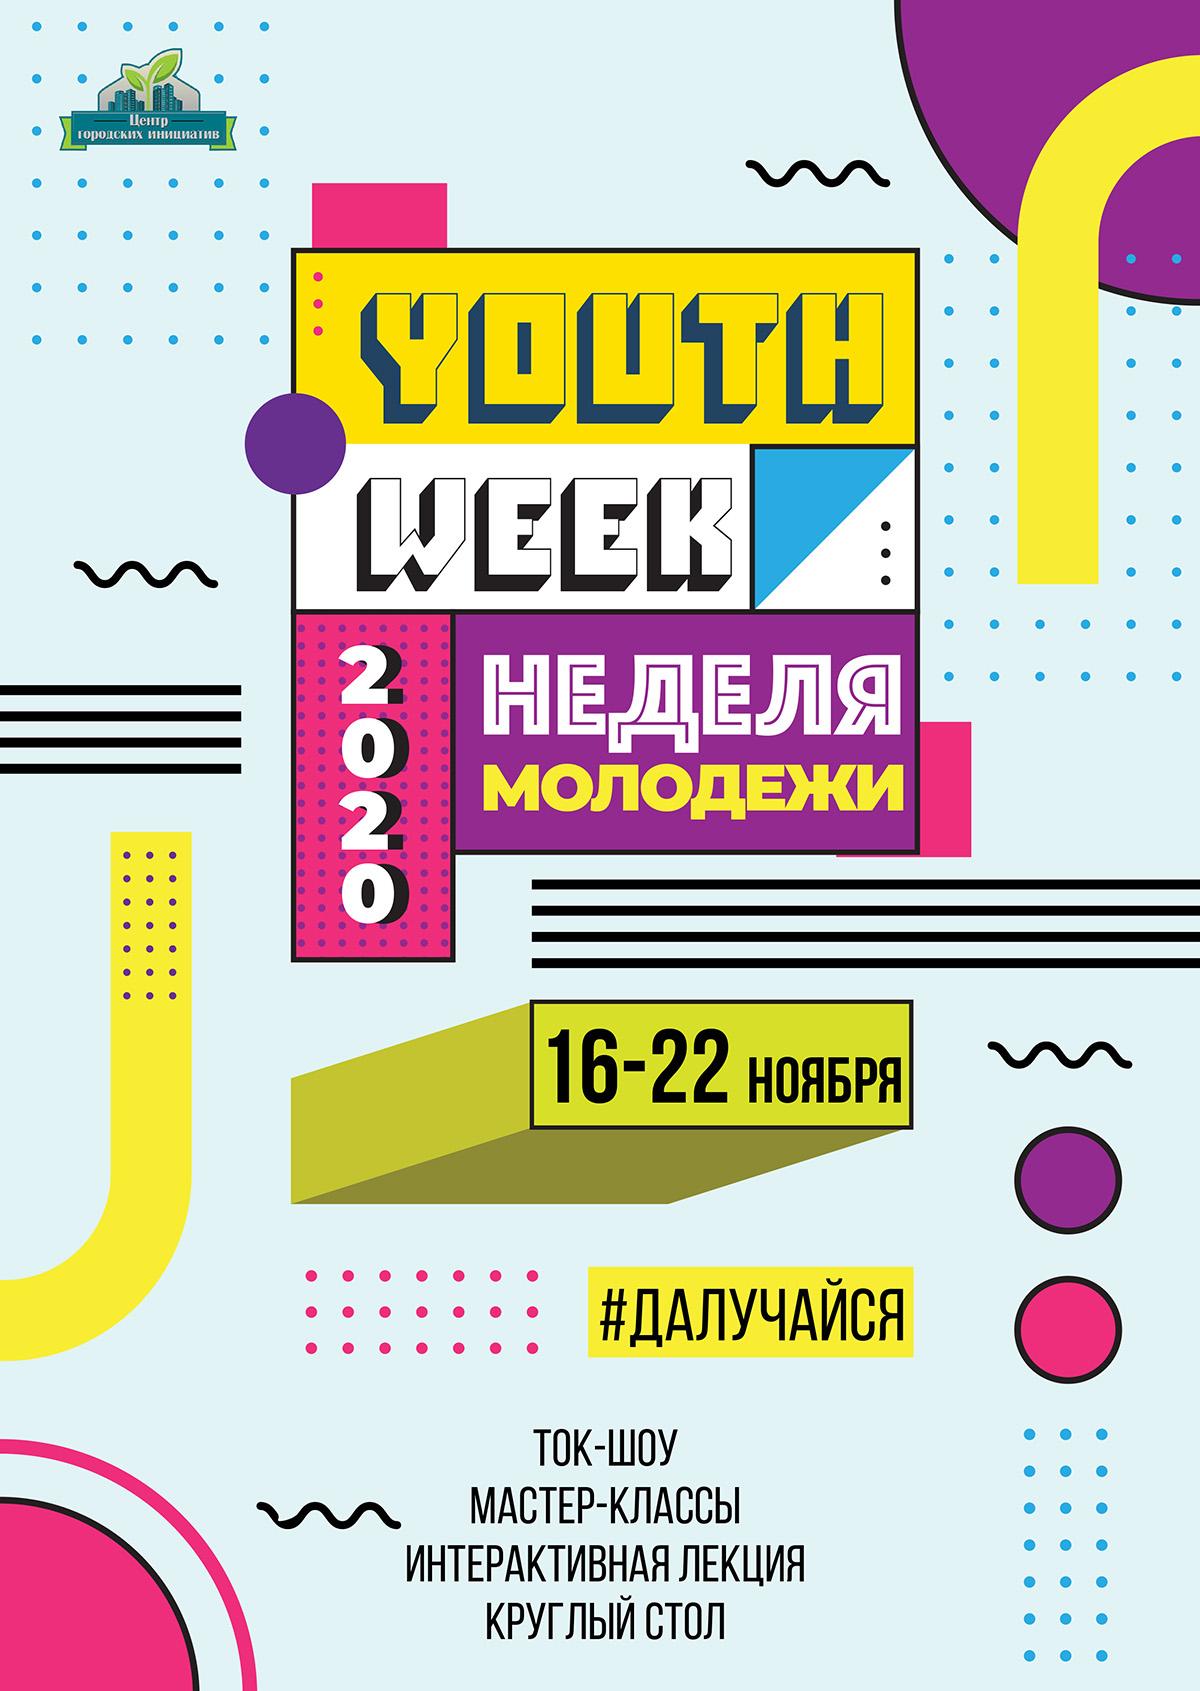 Неделя молодежи пройдет вМогилеве с16по22ноября